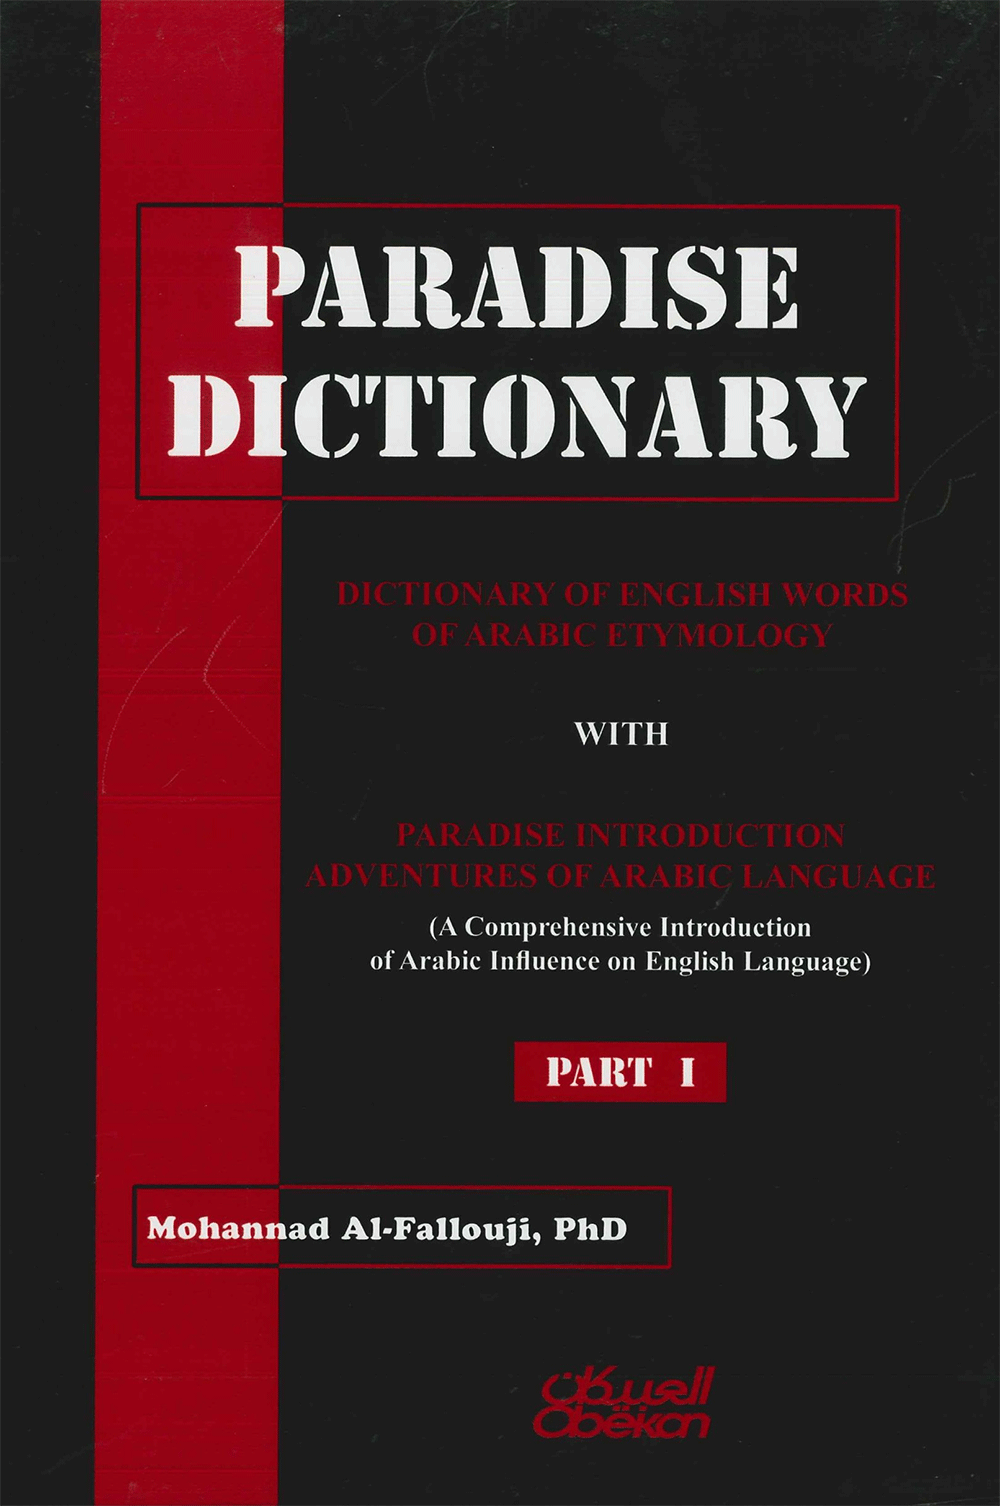 تحميل معجم الفردوس مهند الفلوجي pdf